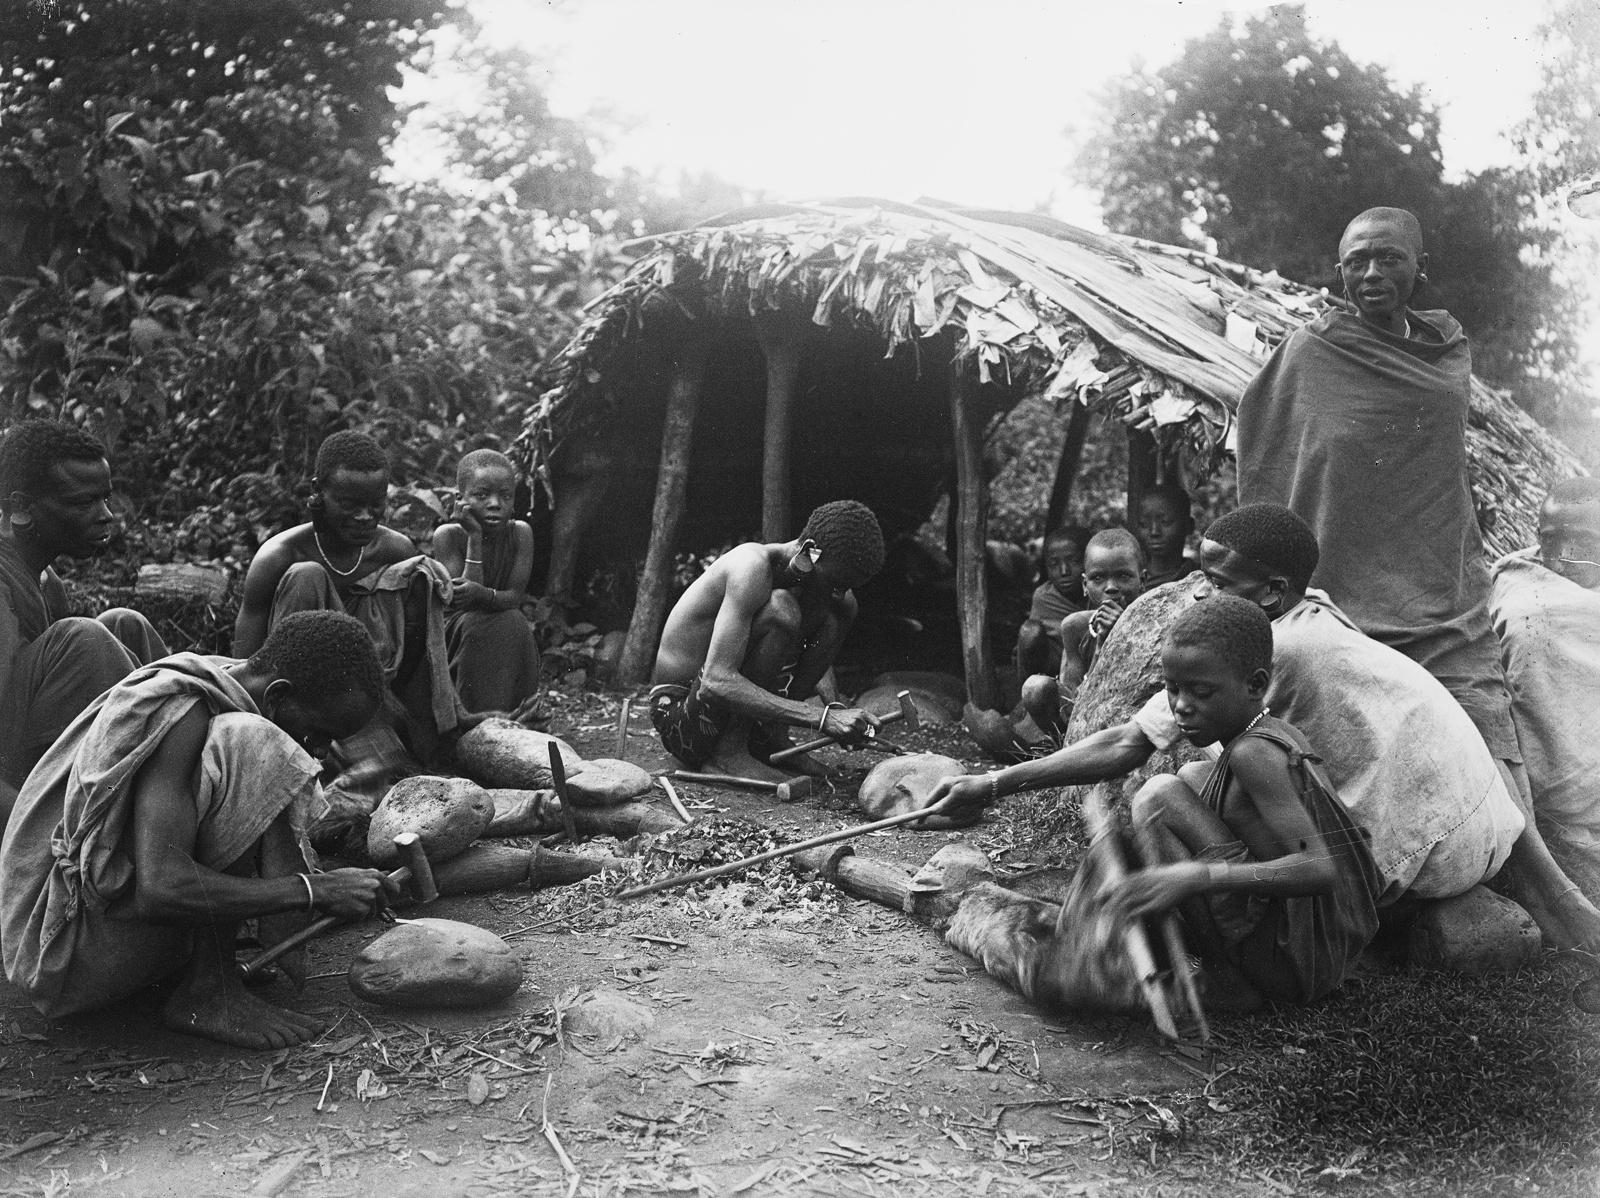 19. Селение народности вадшагга у подножия гор. Кузнец ха работой возле своей хижины